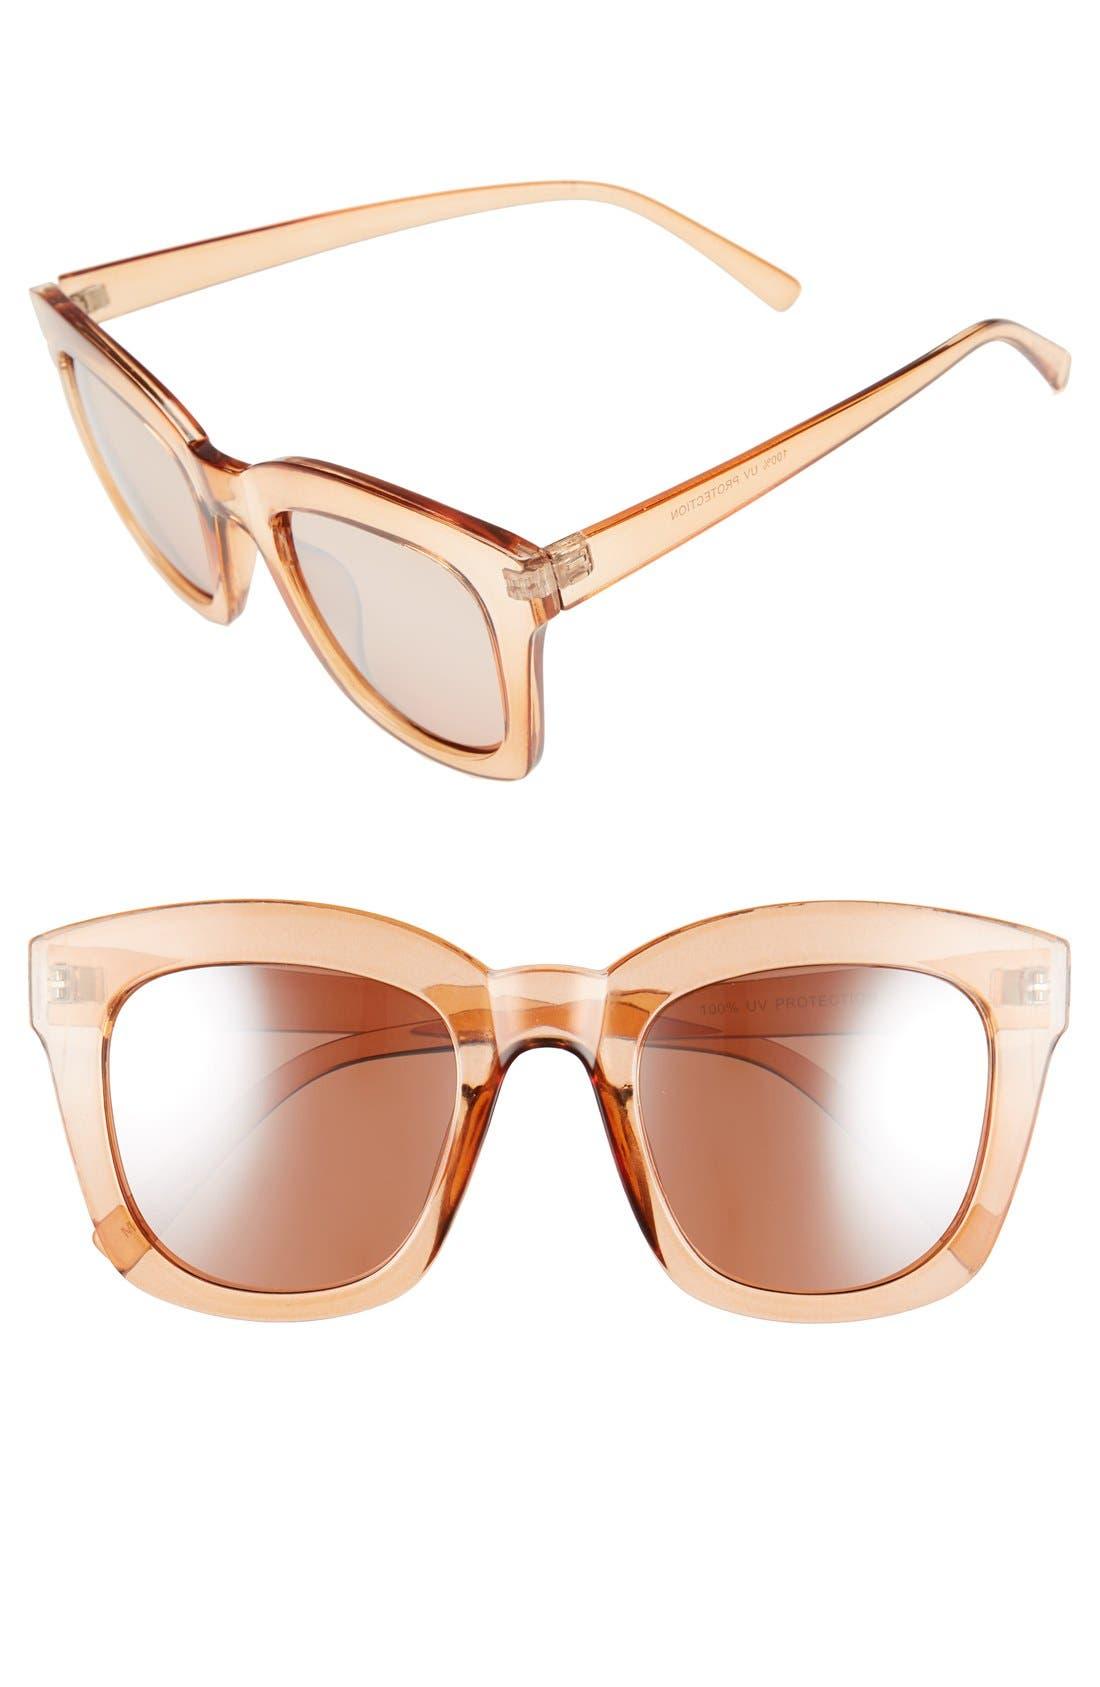 50mm Mirror Square Sunglasses,                         Main,                         color, 715